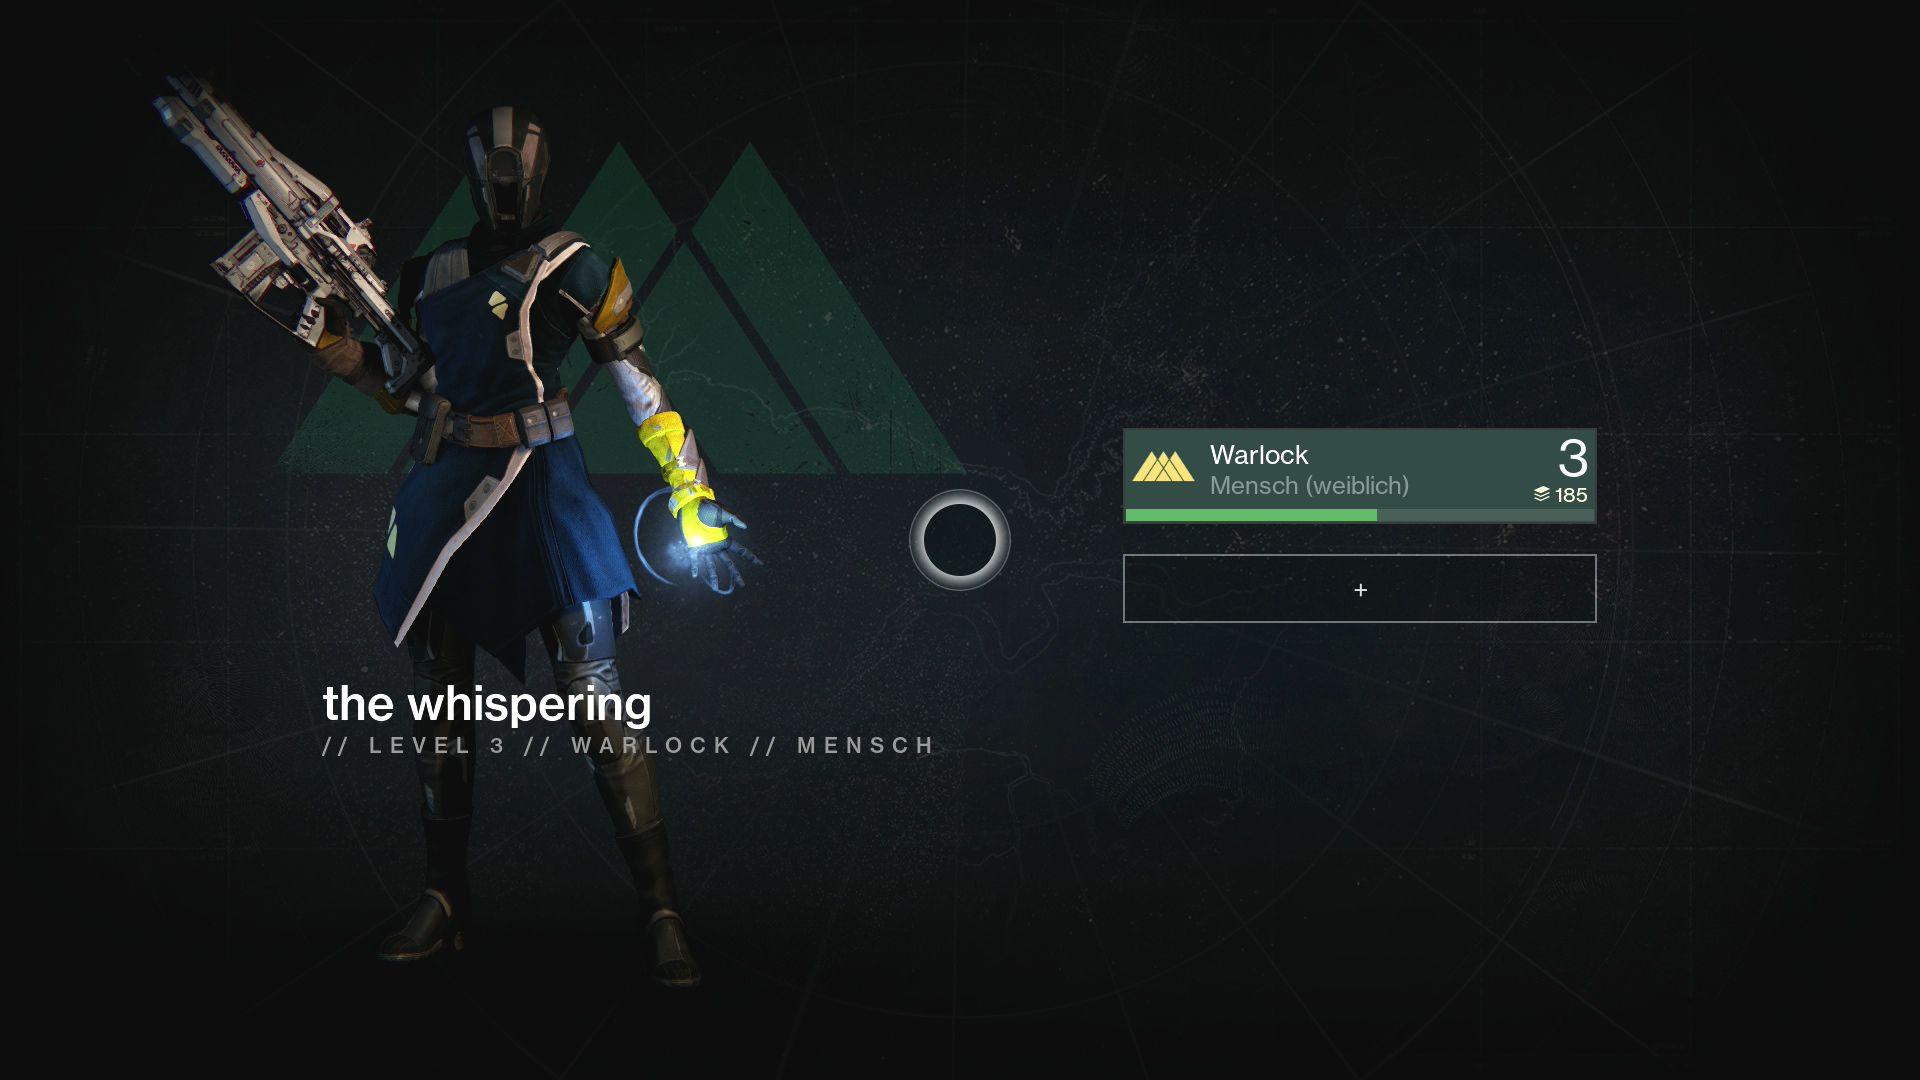 warlock_thewhispering